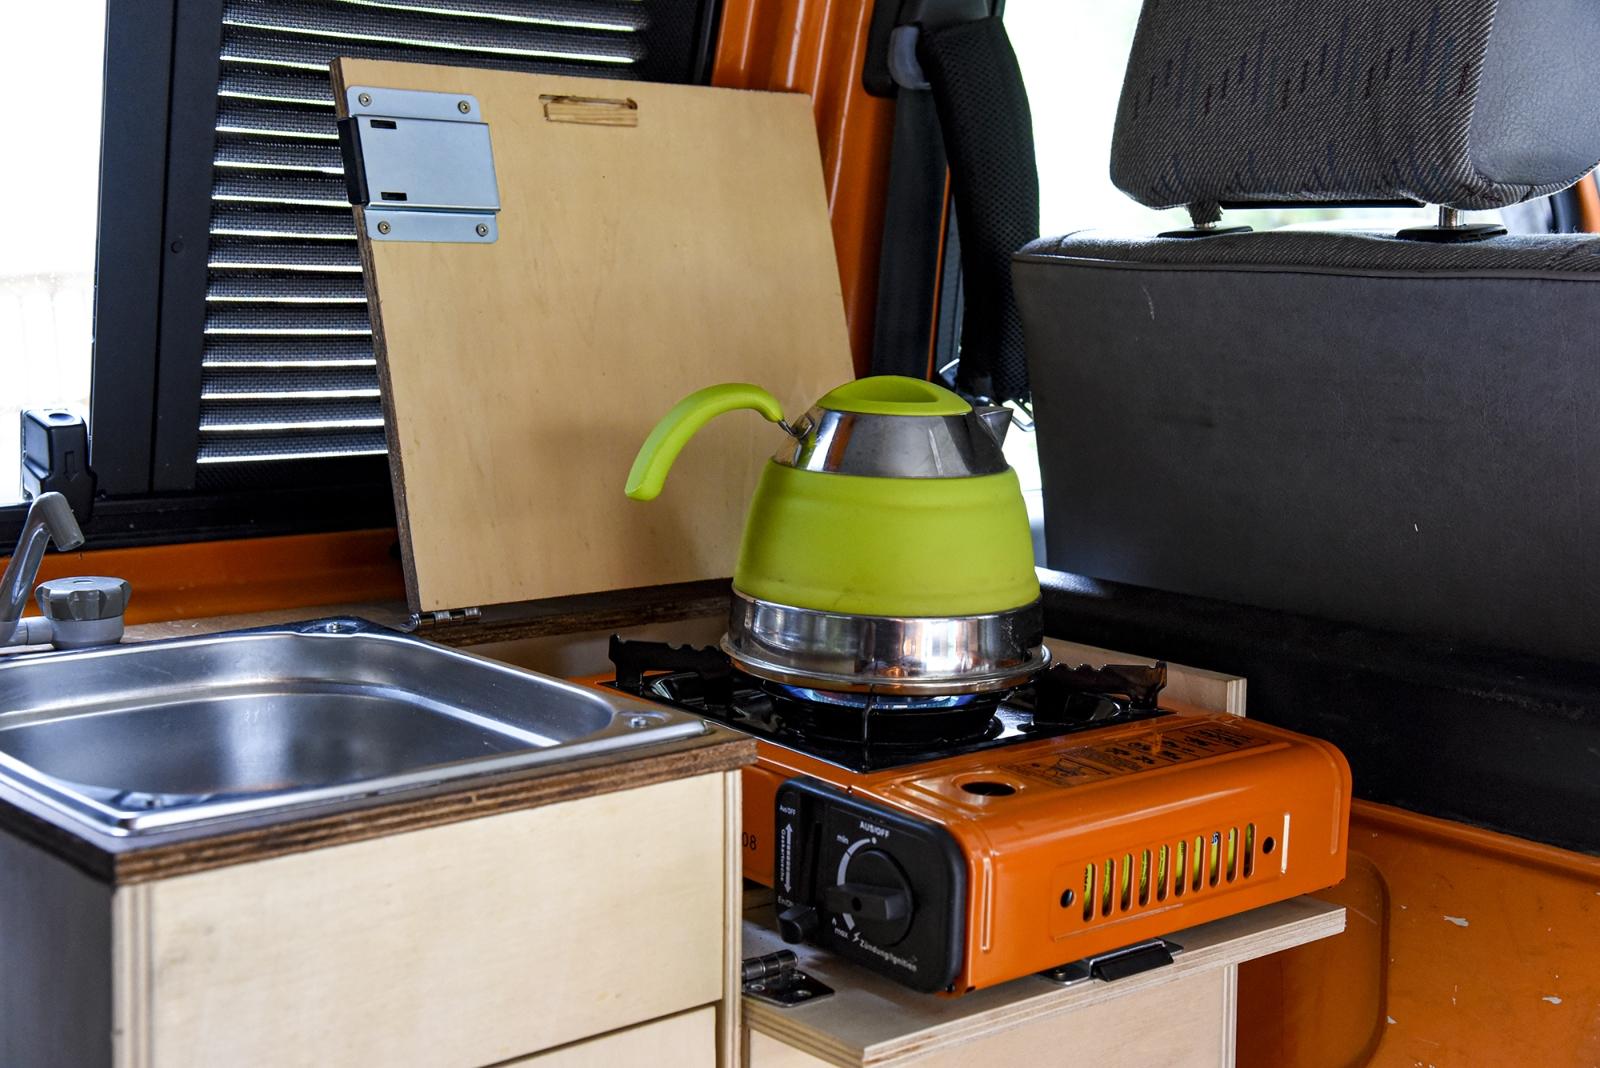 Der EDH-155 und seine Artgenossen lassen sich auch in eine Küchenbox integrieren. Man sollte beim Kochen im Wageninneren allerdings auf eine gute Belüftung achten.